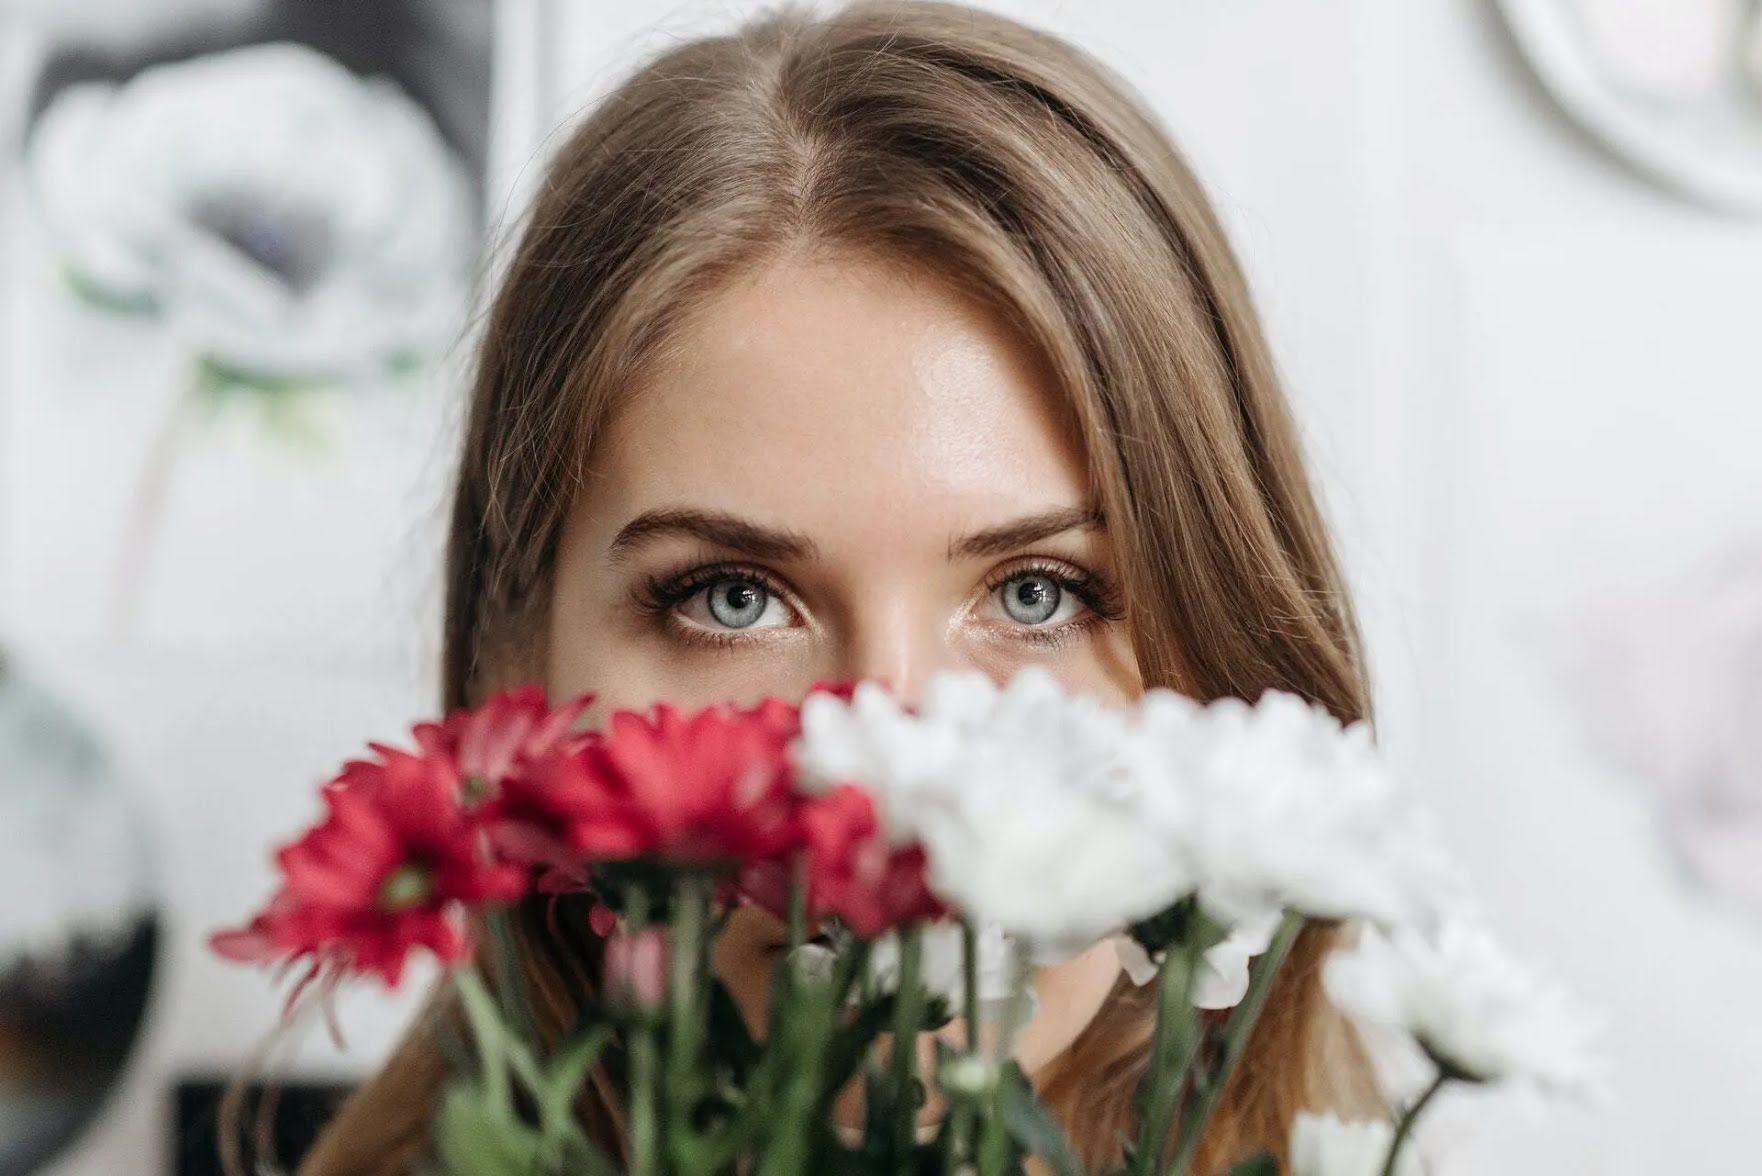 Подбирая подарок к 8 Марта, стоит узнать о предпочтениях близкого человека